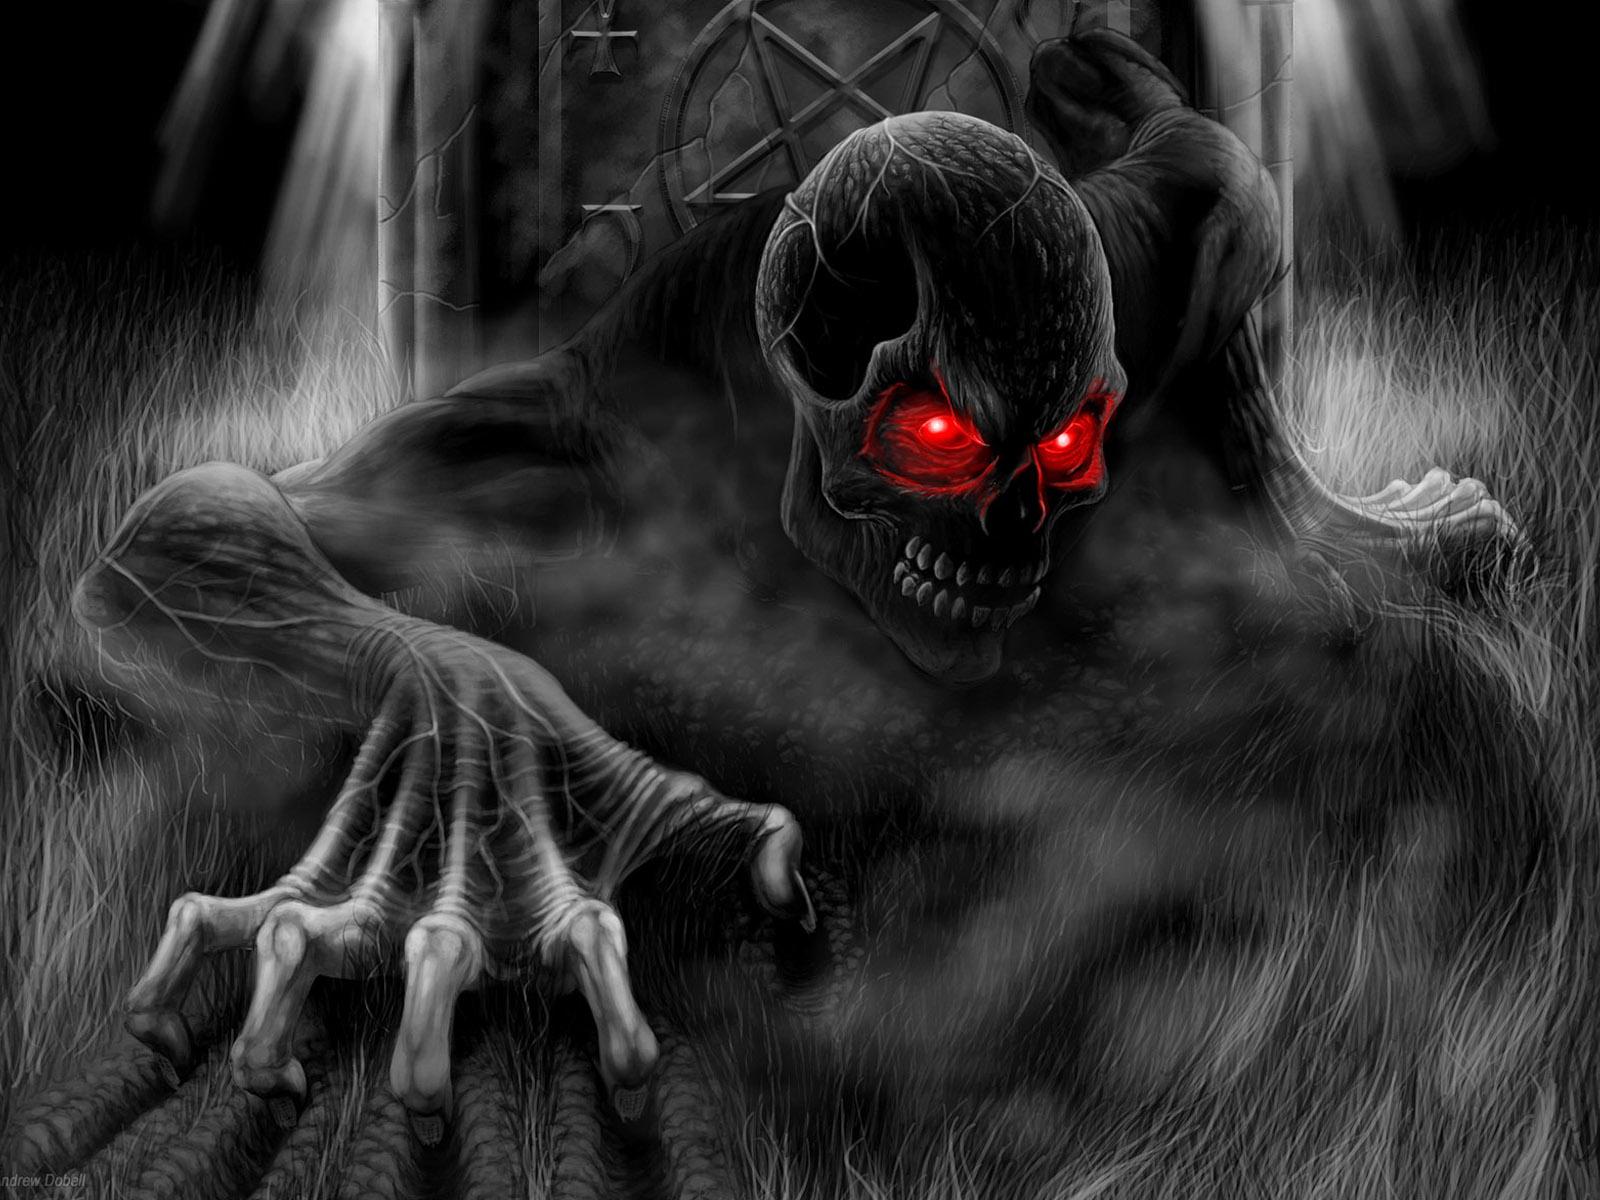 http://3.bp.blogspot.com/-SN_RKlHc2XY/UD1p22CBHKI/AAAAAAAAA3I/i5IqpdO8uhw/s1600/Black_Magic.jpg